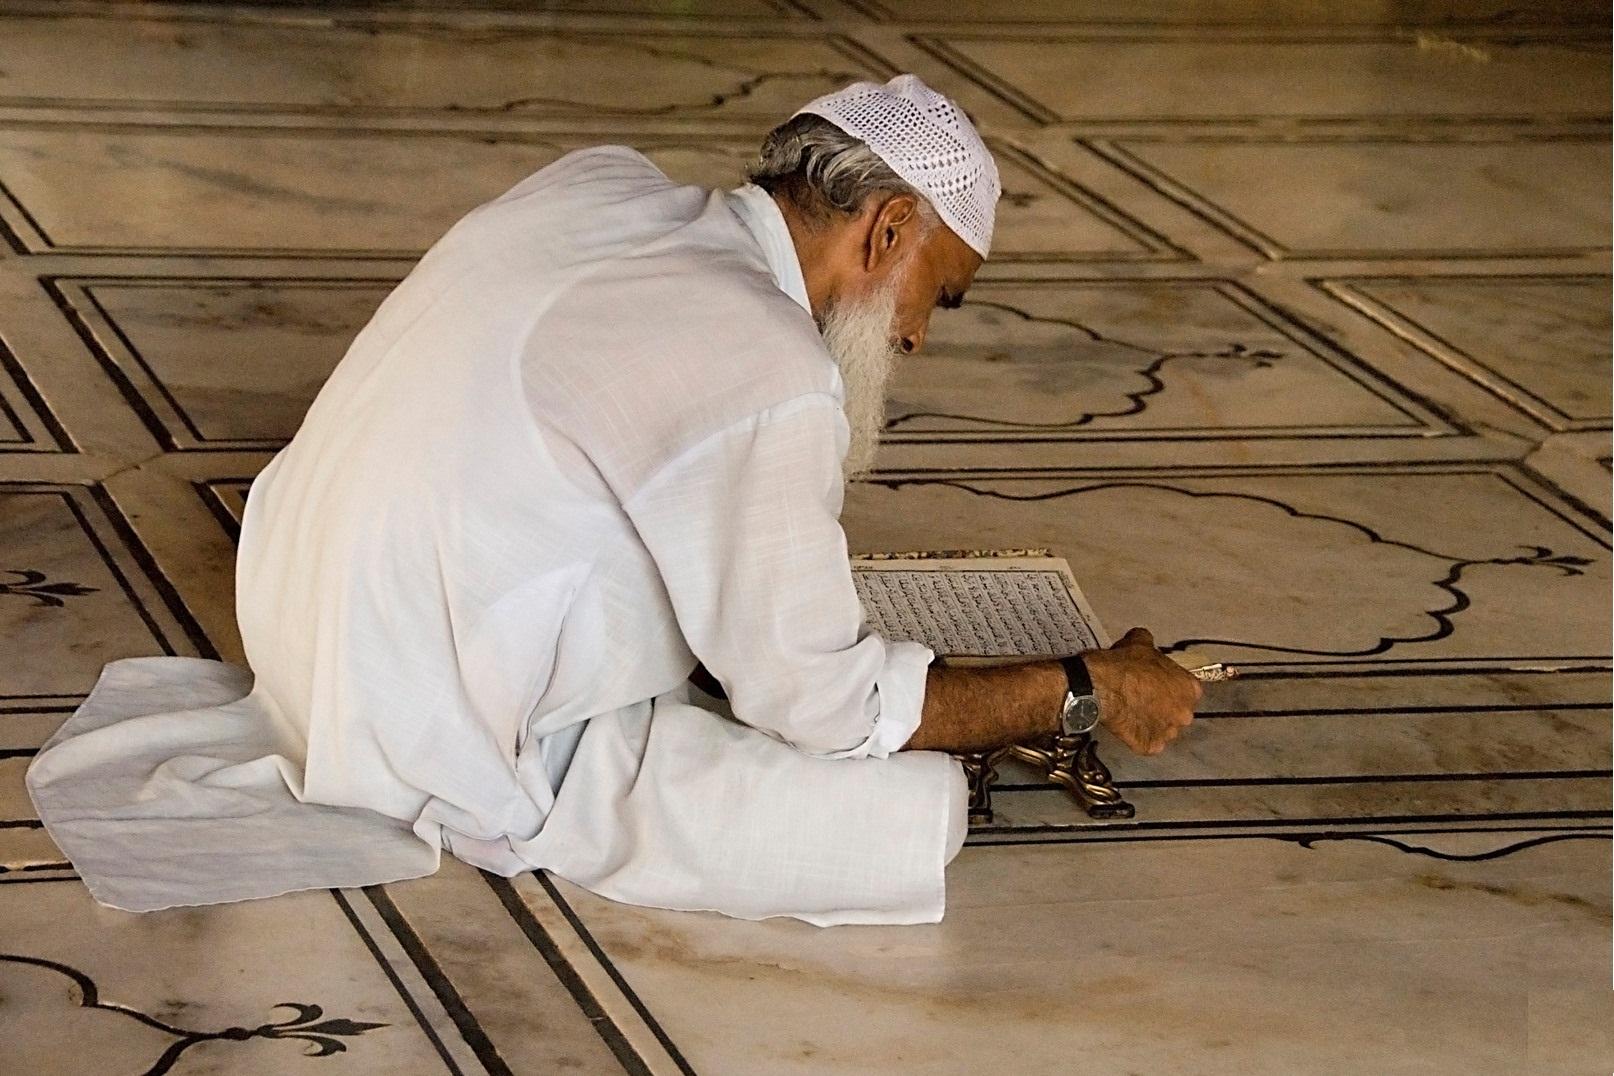 صور الشيخ الكبير في المنام